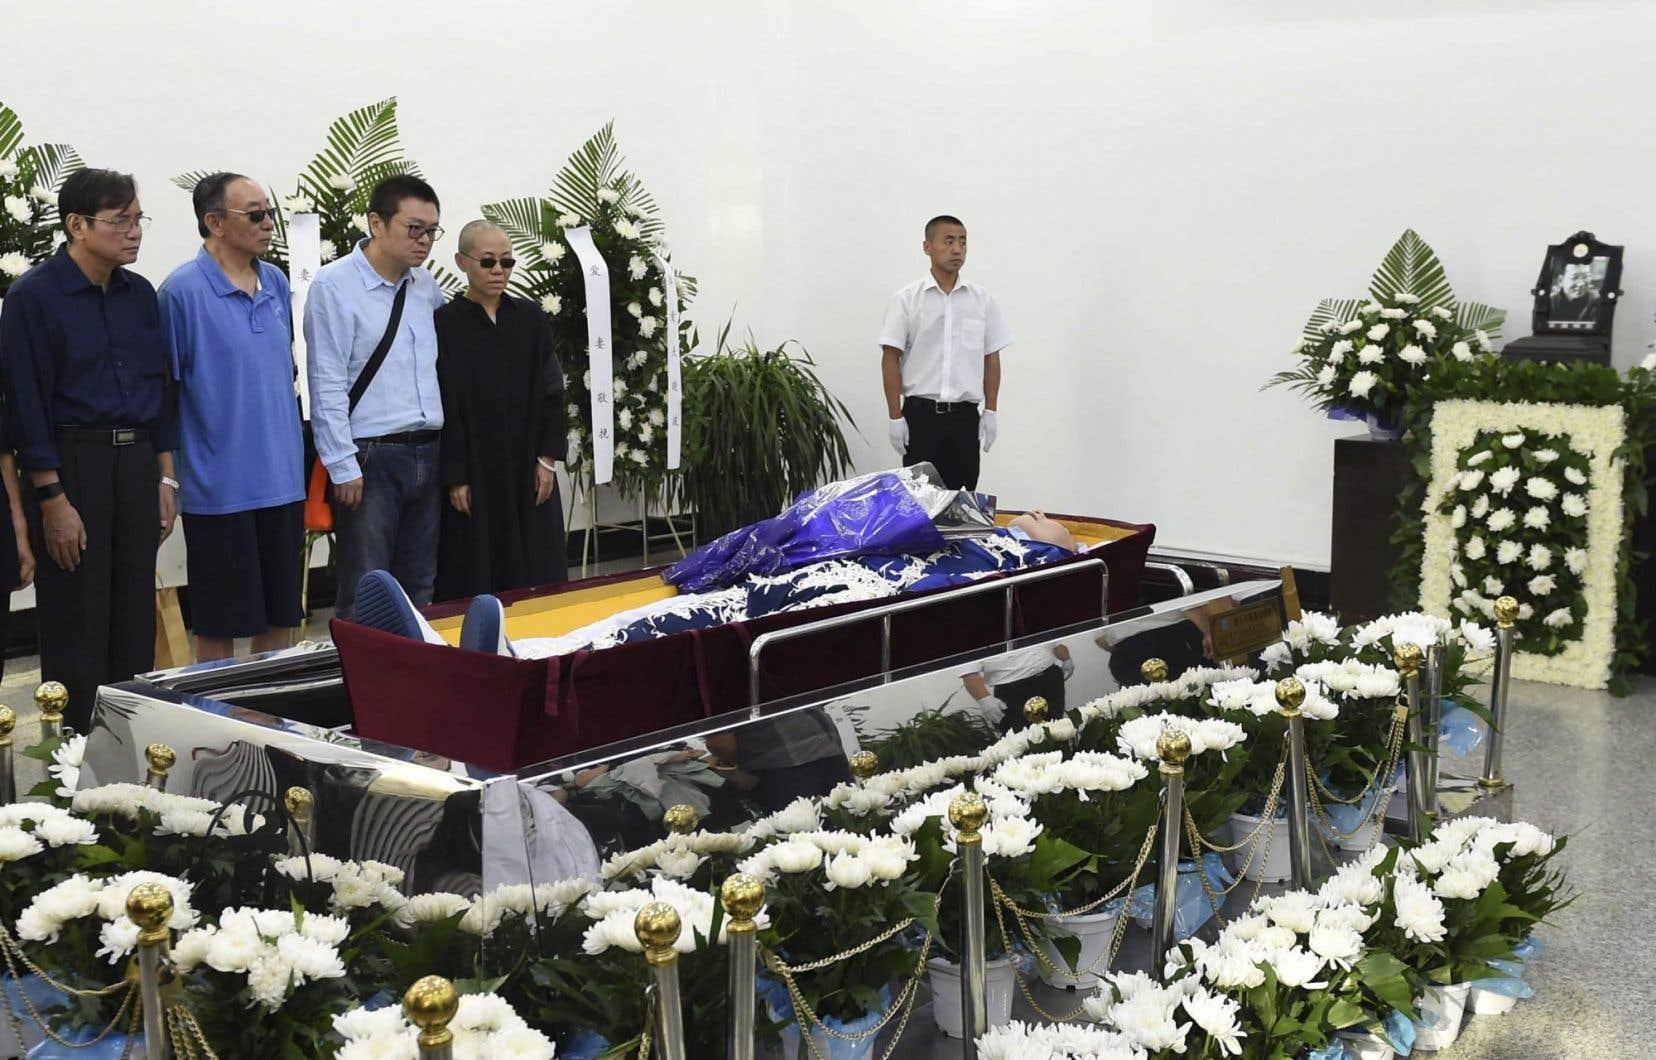 Une cérémonie funéraire a été organisée à l'abri des regards pour Liu Xiaobo.